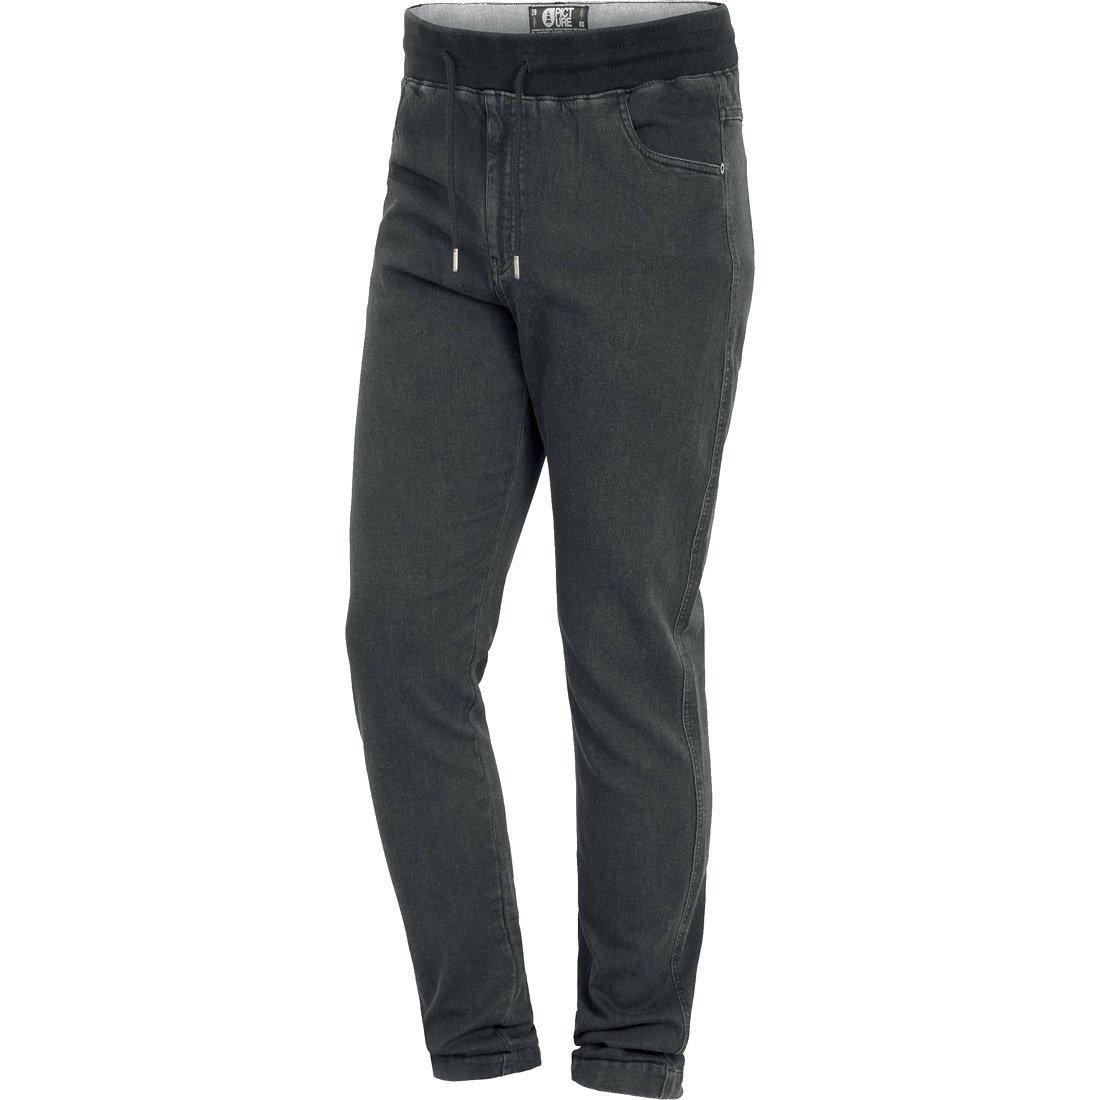 מכנסי ג'ינס לנשים - Crusy Chino II - Picture Organic